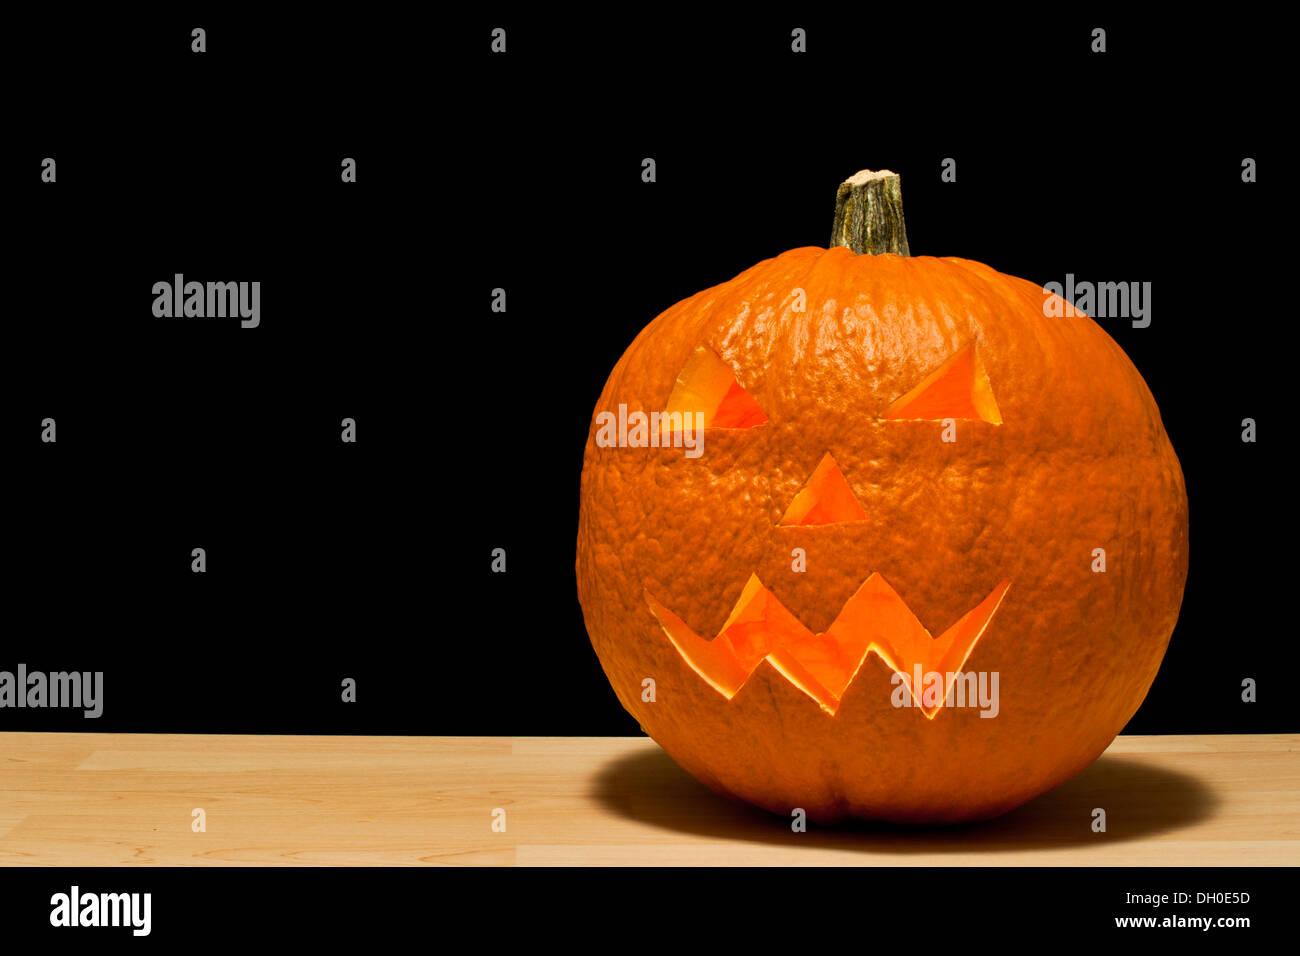 Witze Witze Stockfotos Witze Witze Bilder Alamy